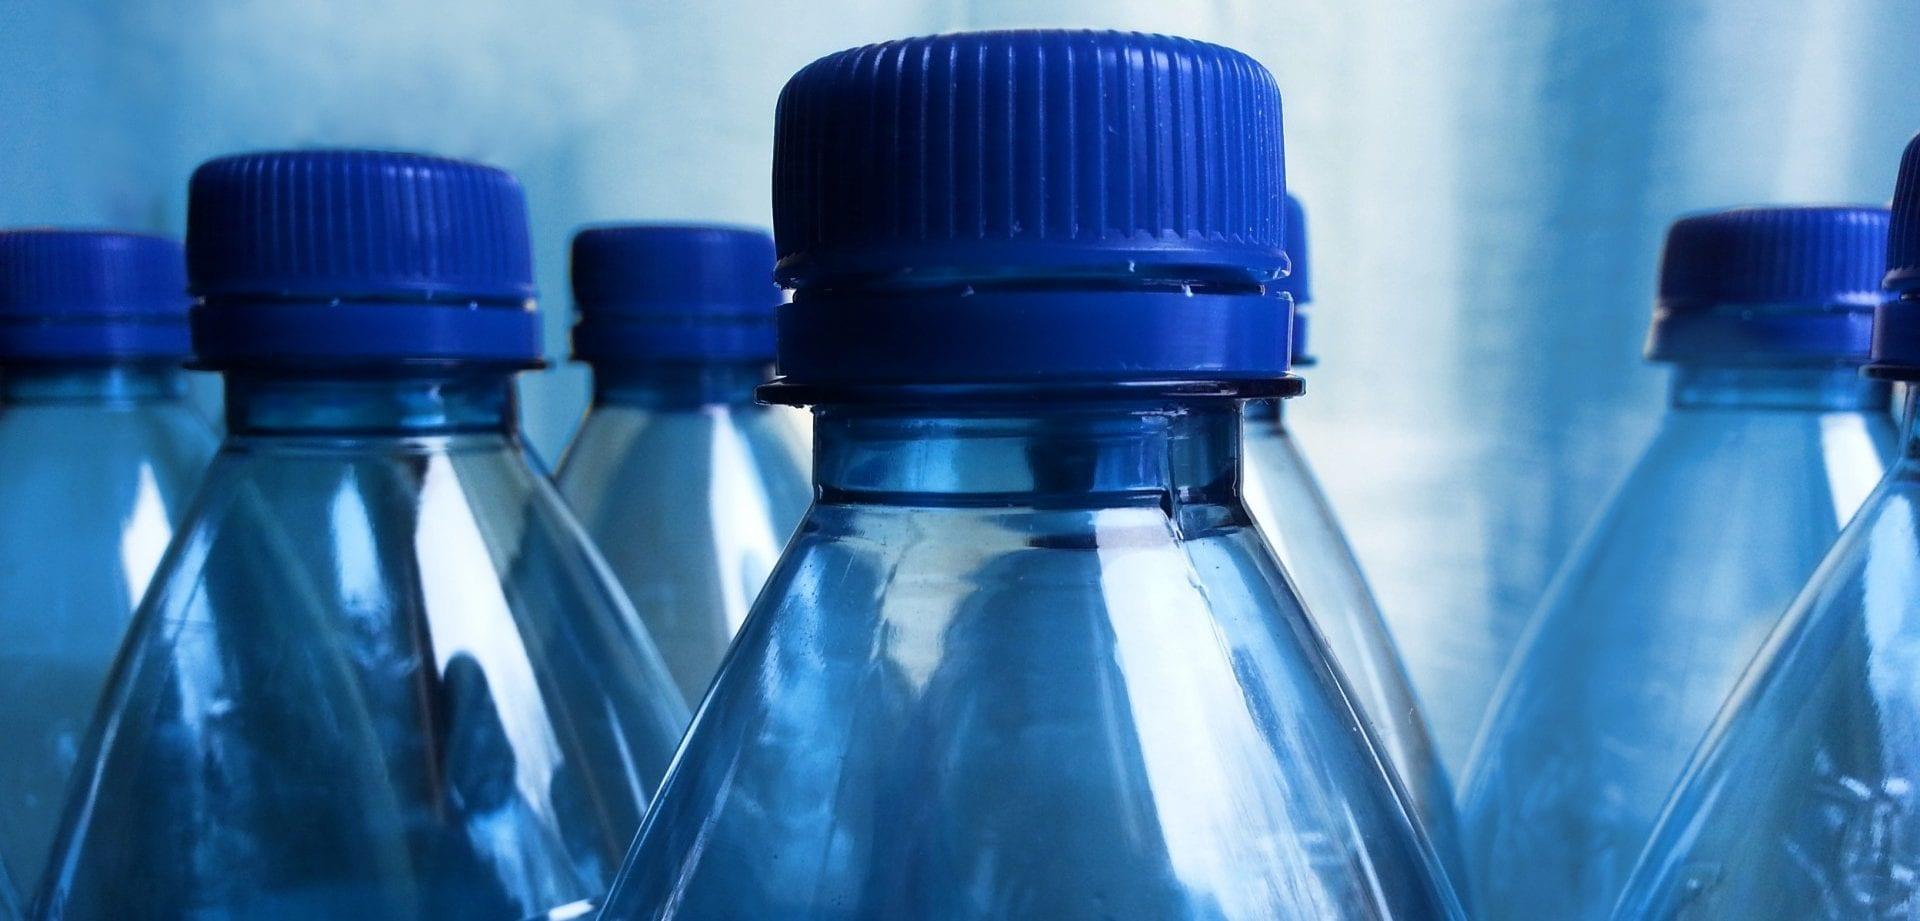 Microplásticos   El Plástico en sus Comidas, una Amenaza para la Salud   DESPABILATE.COM